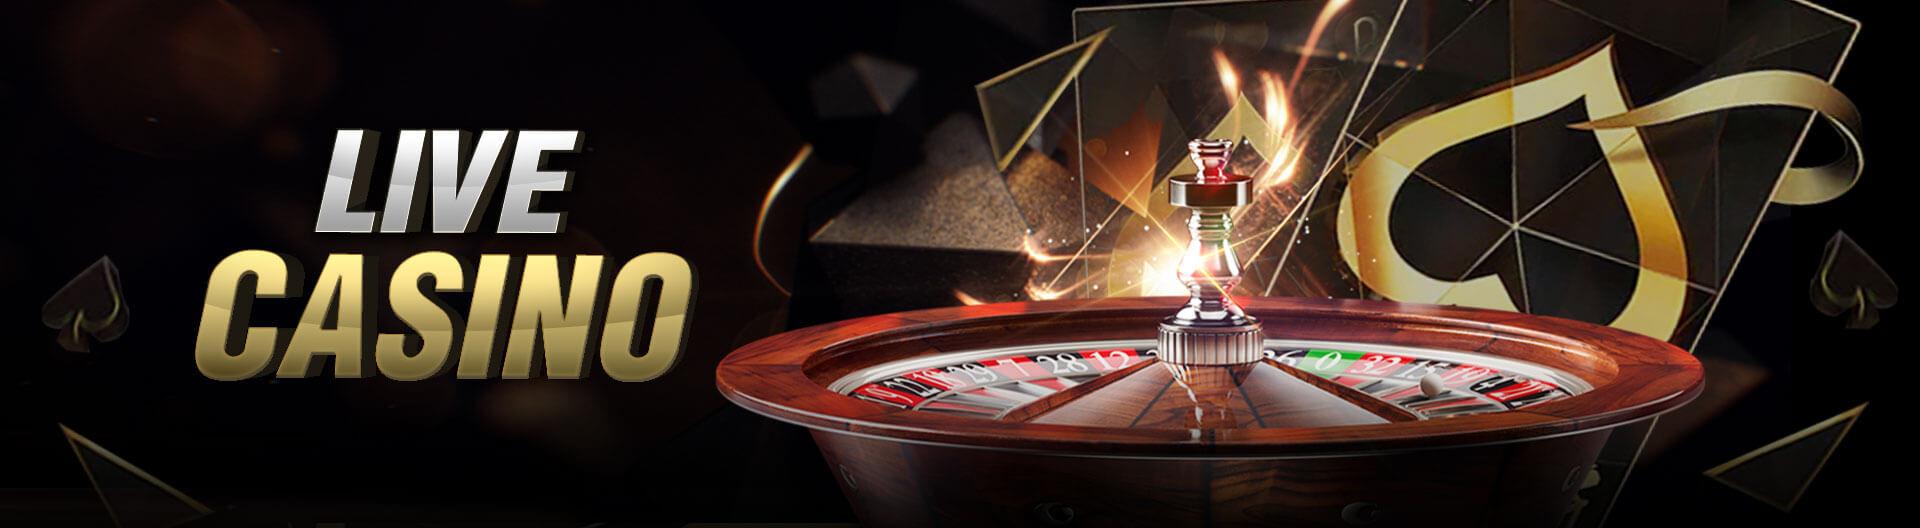 Live Casino01